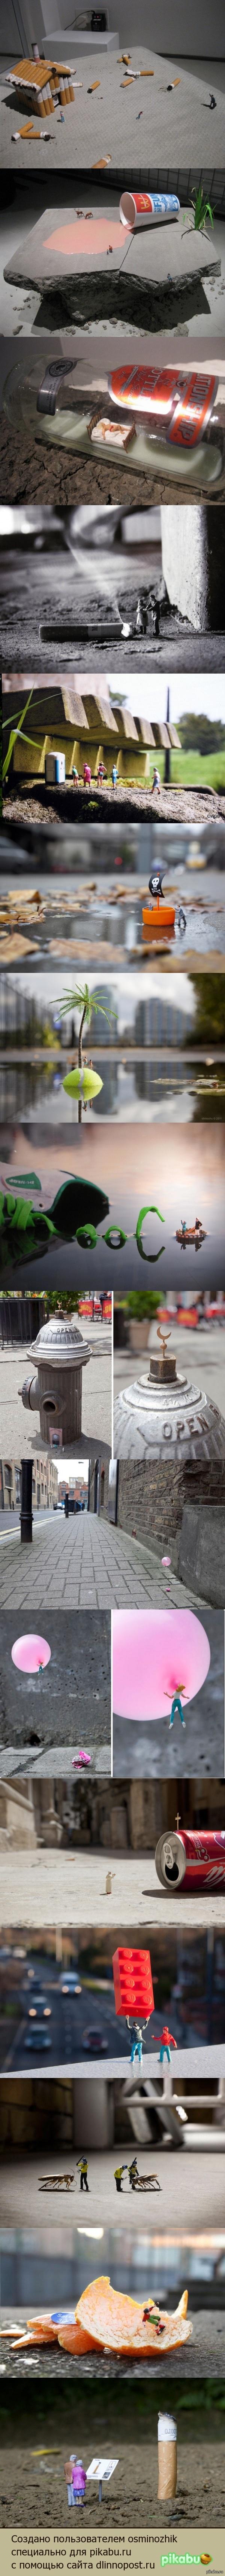 Уличные фото инсталляции Фотограф расставил маленькие фигурки людей по улицам родного Лондона и оставил их, предоставив судьбу маленьких людей большому городу.  длиннопост, инсталляция, уличная фотография, маленький мир